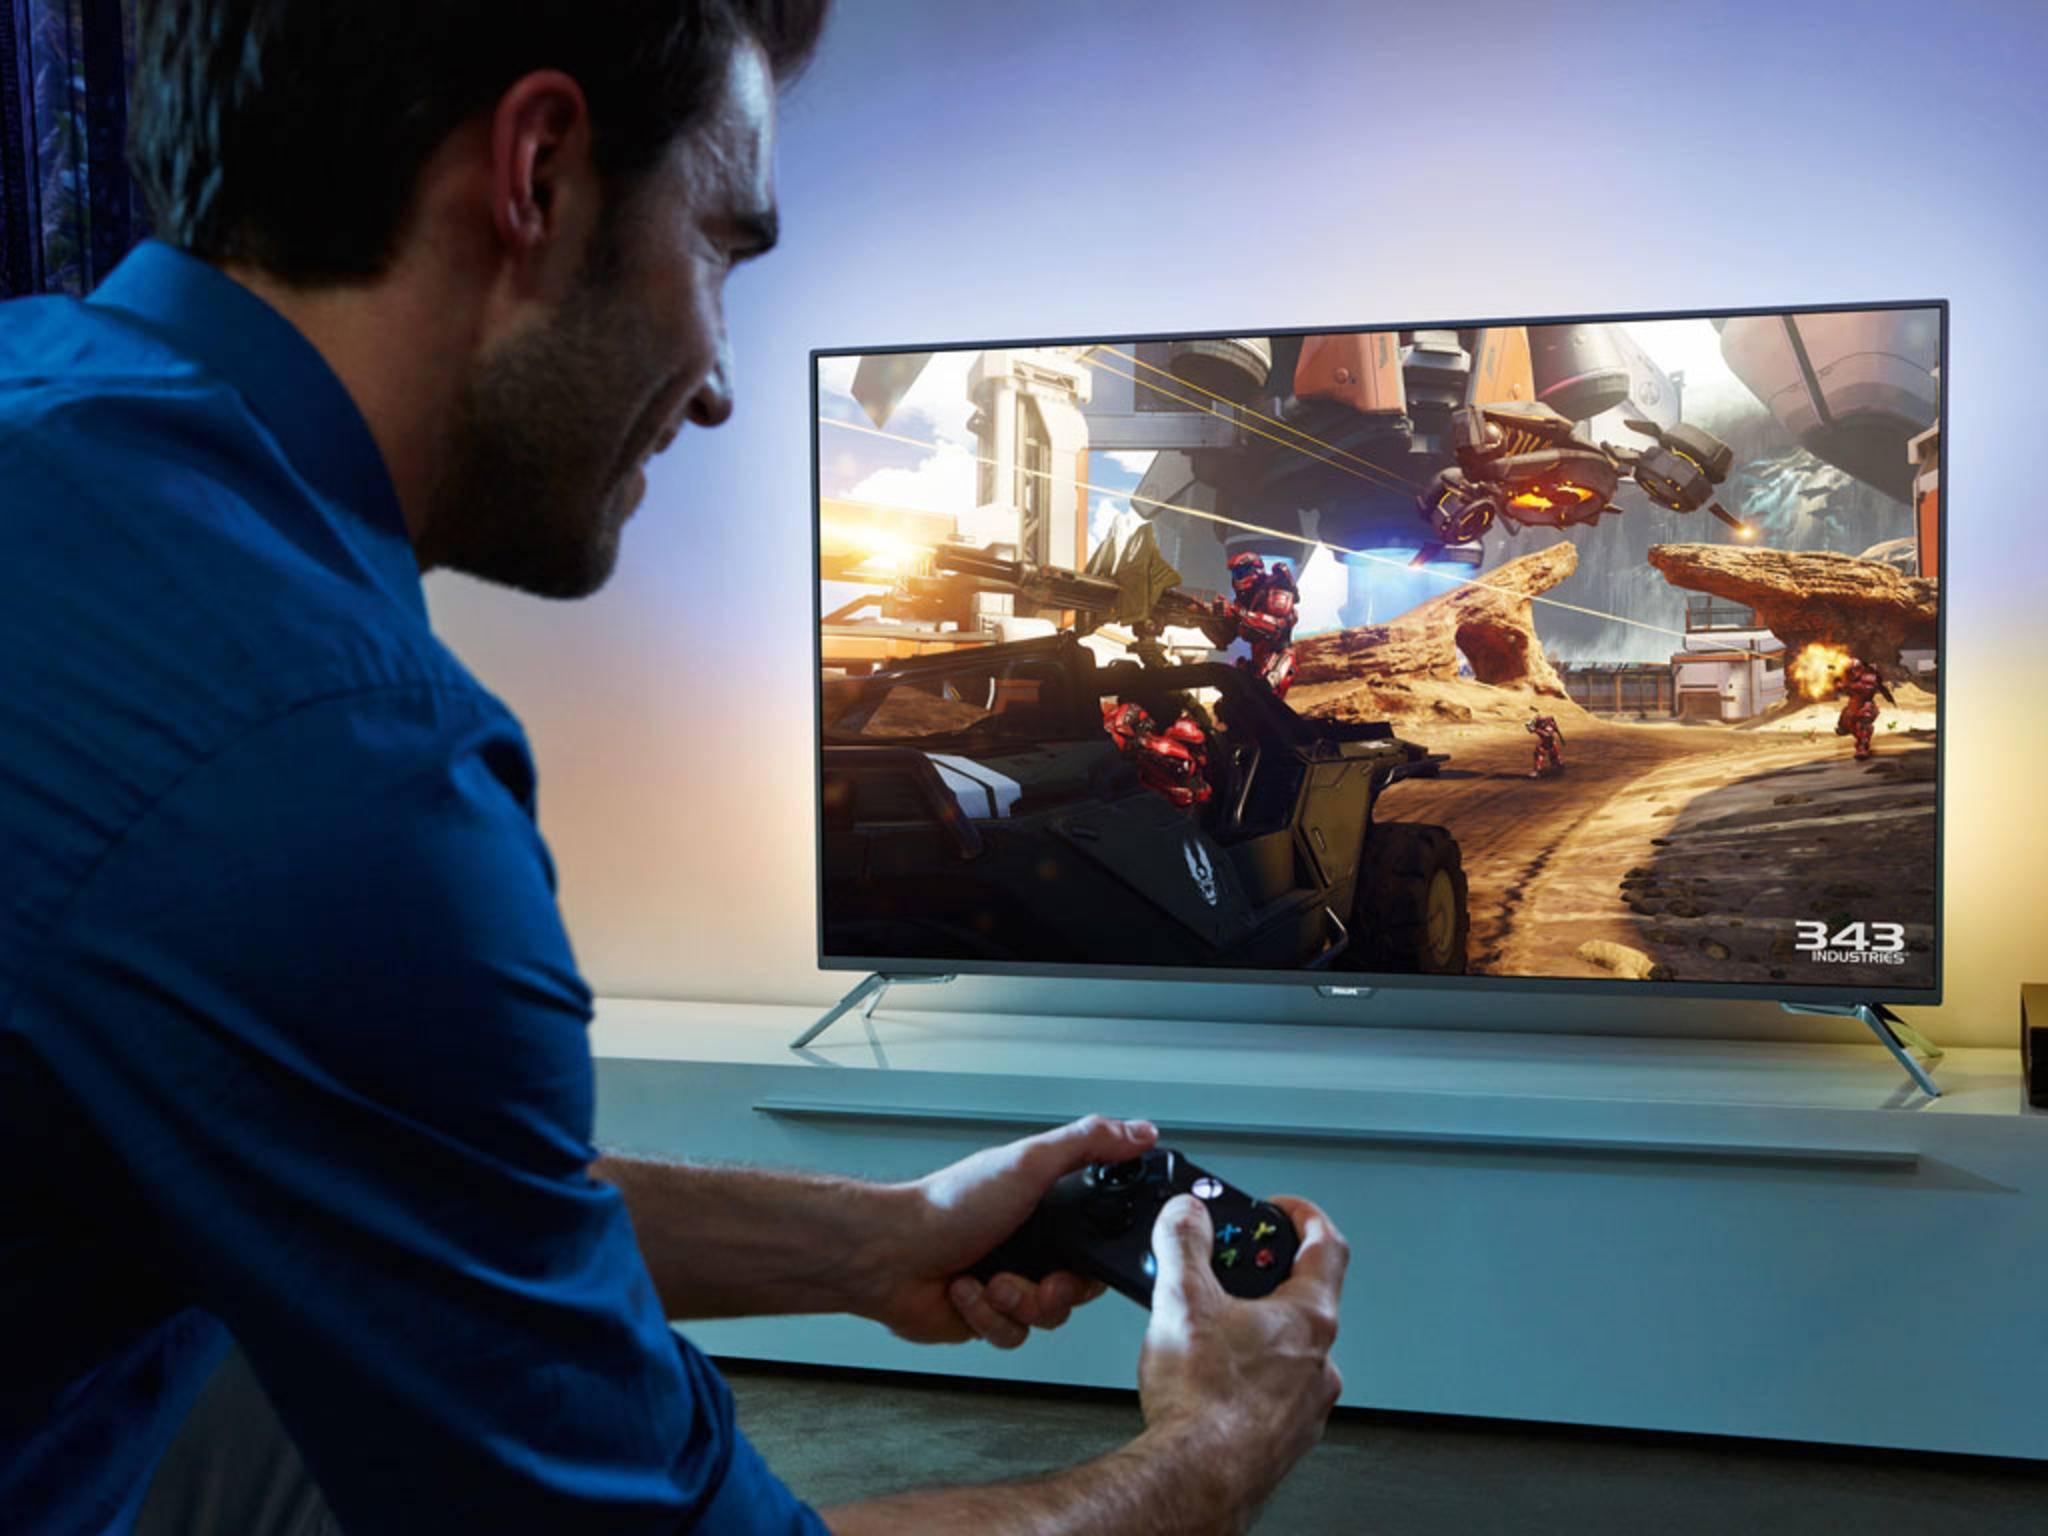 Wie schließt man den Fernseher richtig an, damit man in Ruhe Filme schauen oder spielen kann?